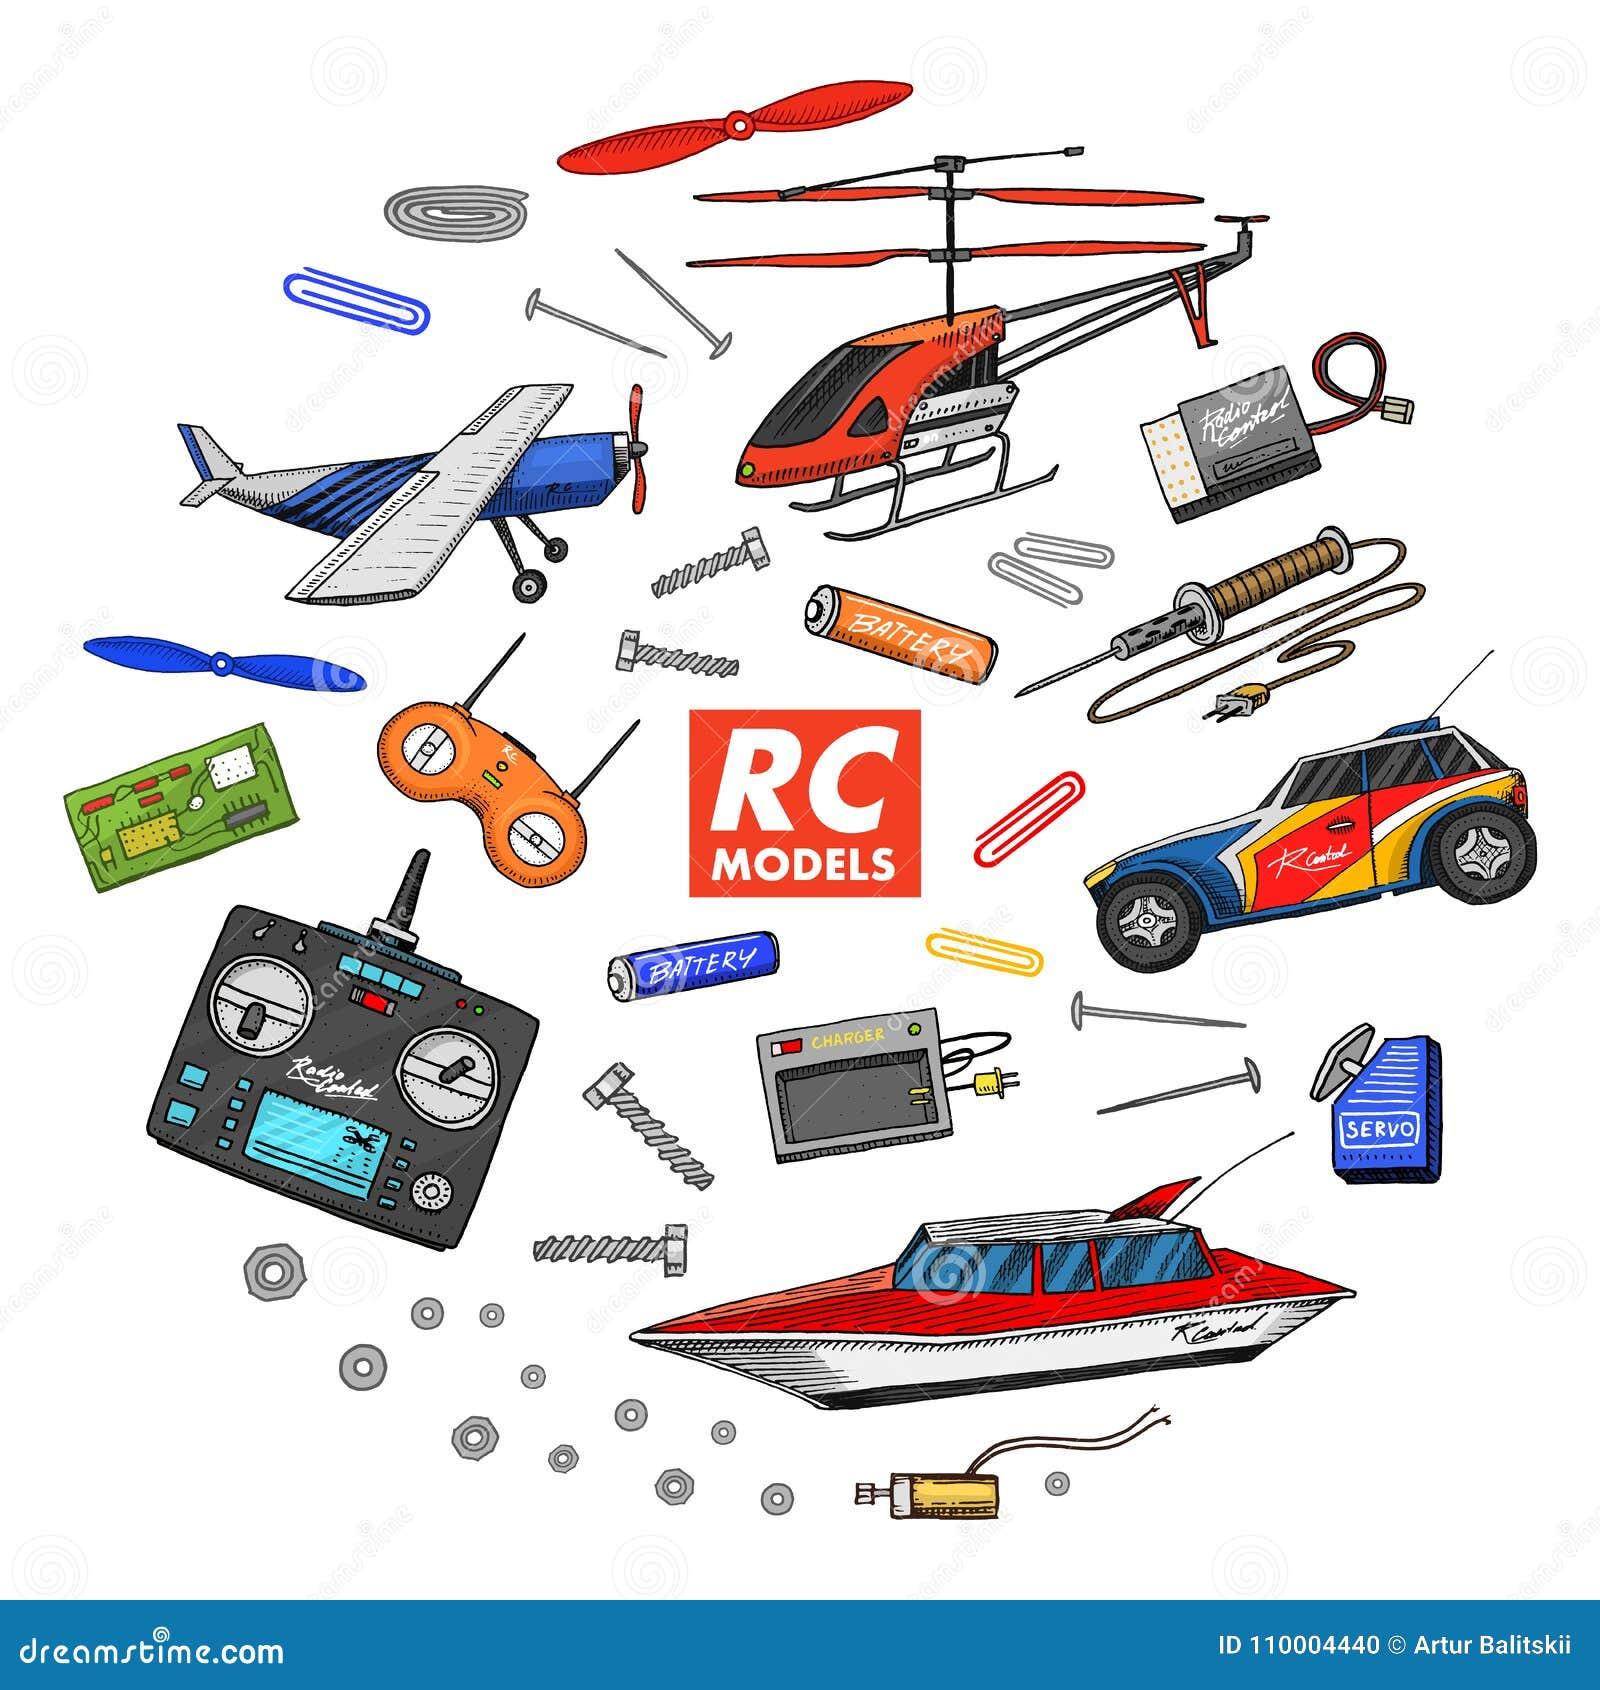 Transporte de RC, modelos de controle remoto brinquedos ou instrumentos ajuste detalhes dispositivos, equipamento, ferramentas pa